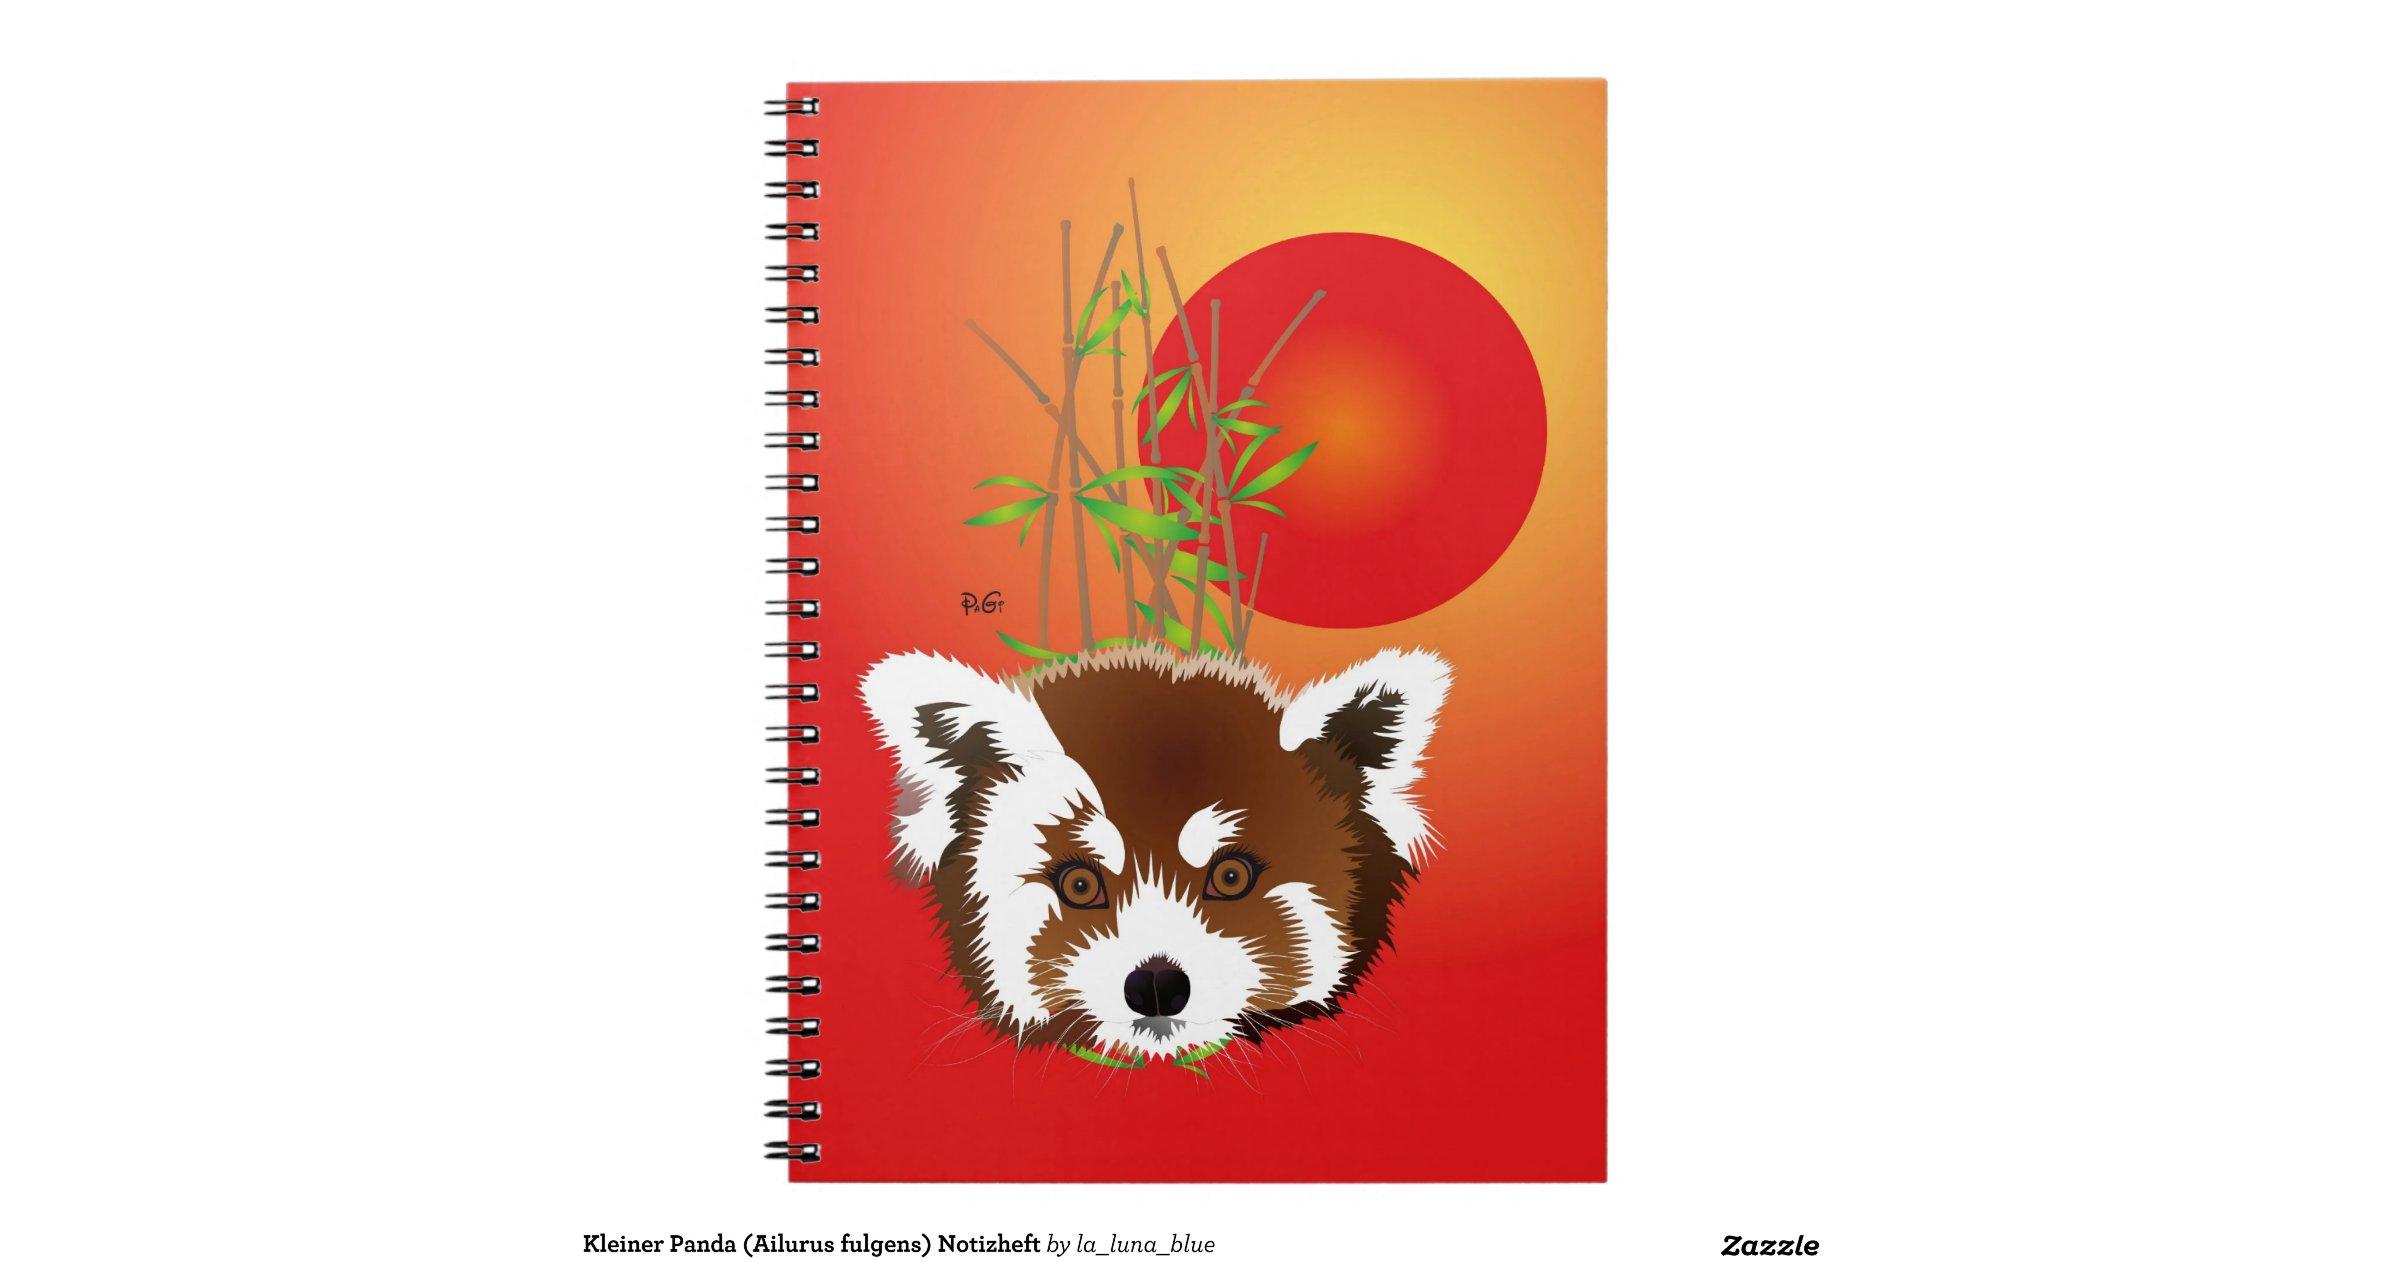 Kleiner panda ailurus fulgens notizheft spiral notebooks - Kleiner couchtisch weiay ...